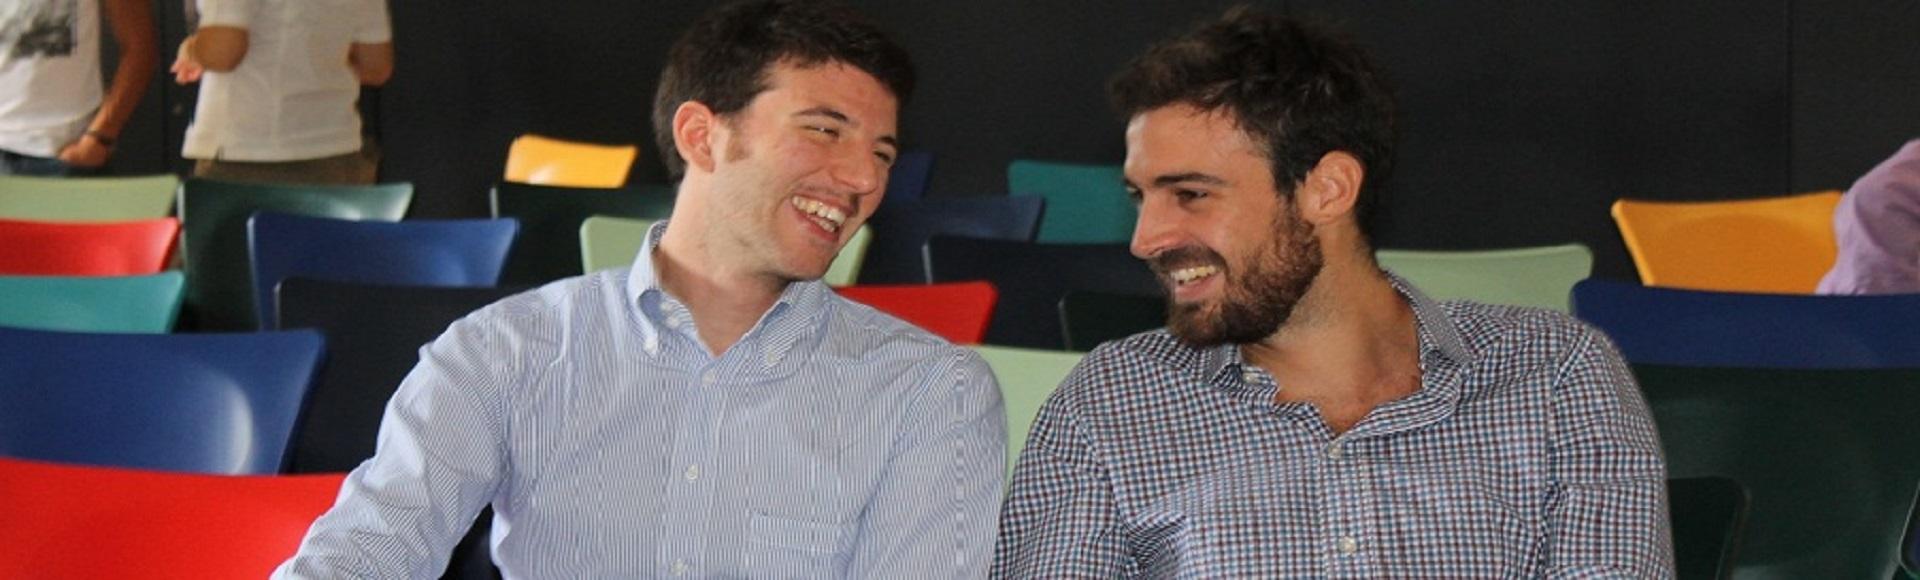 Vuoi diventare uno startupper?